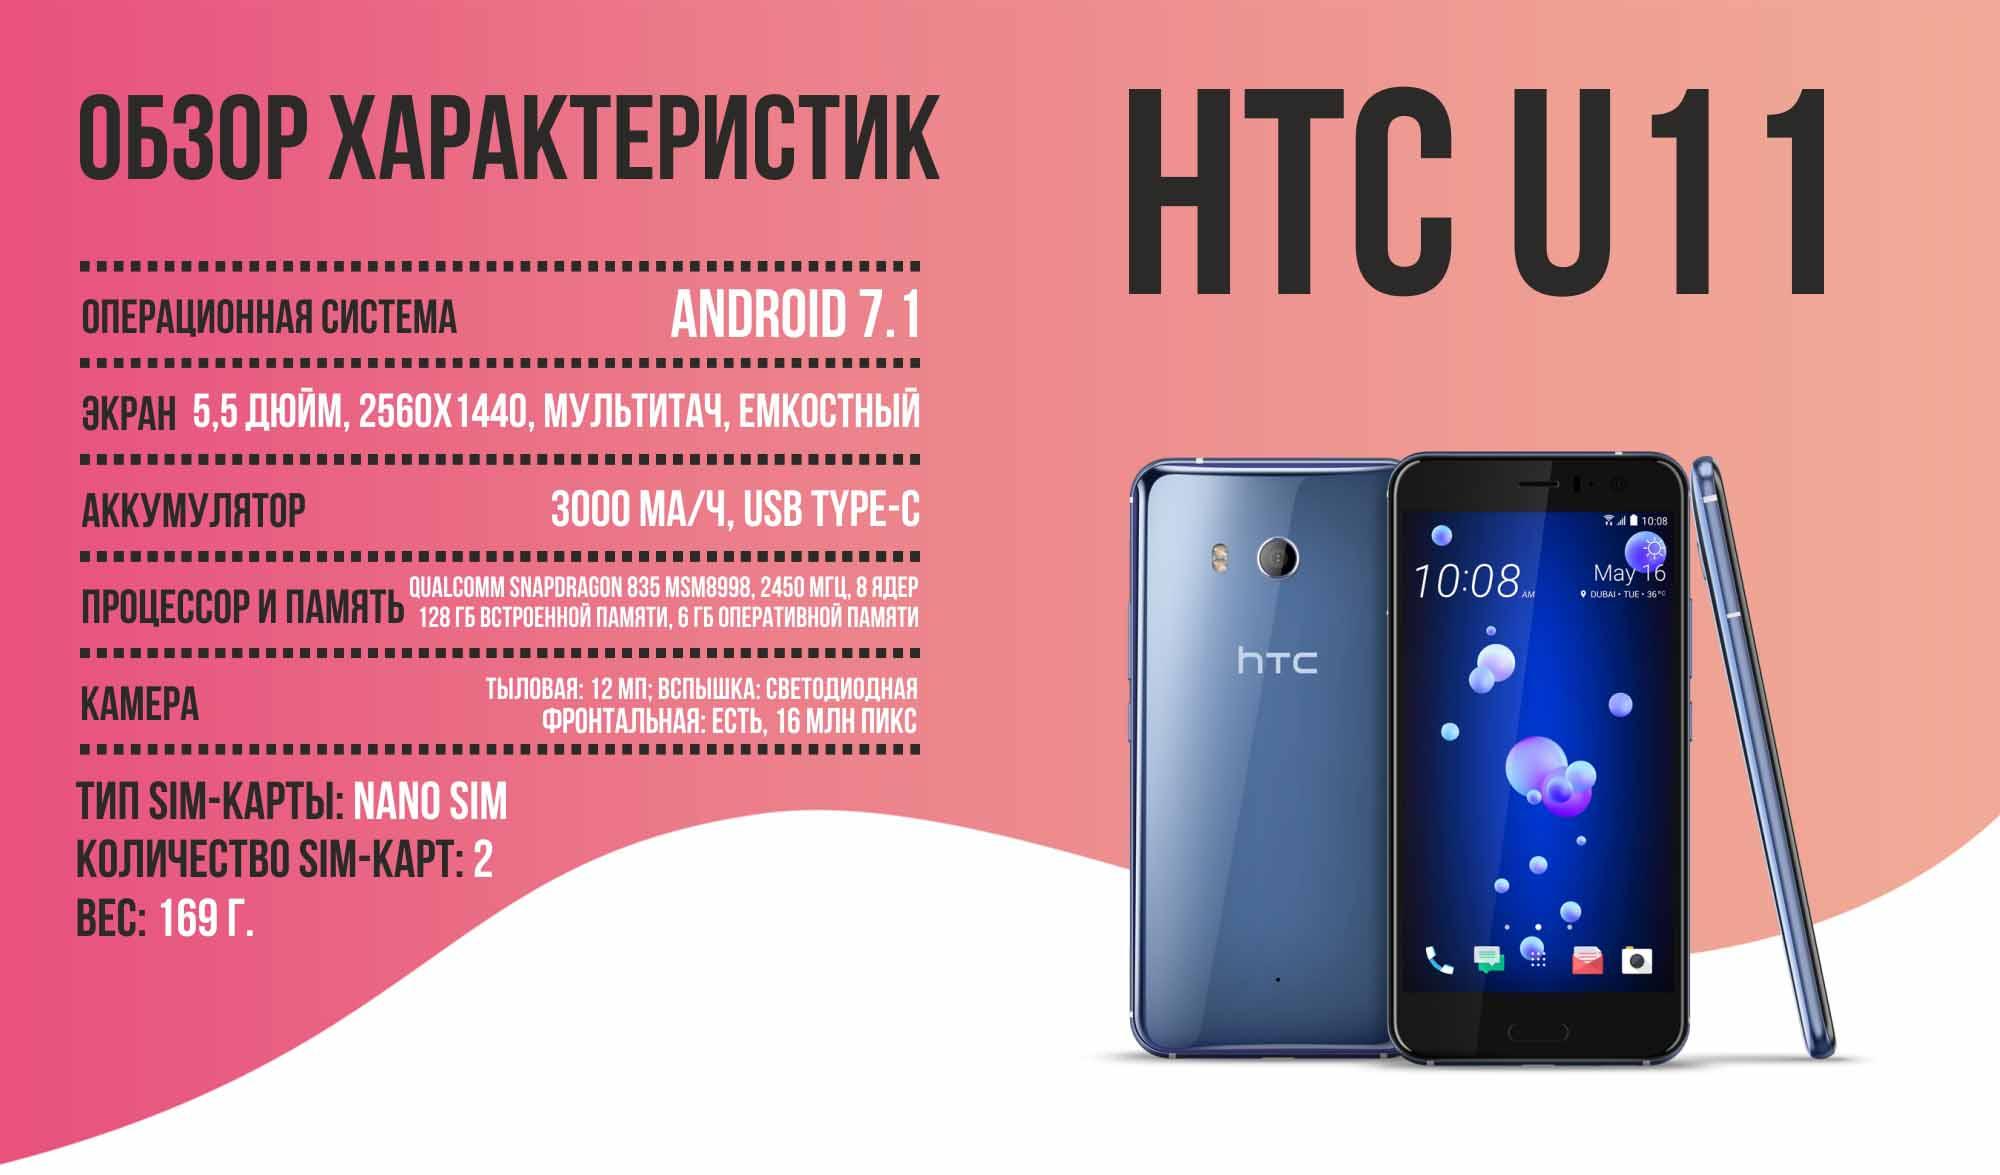 HTC U11_обзор